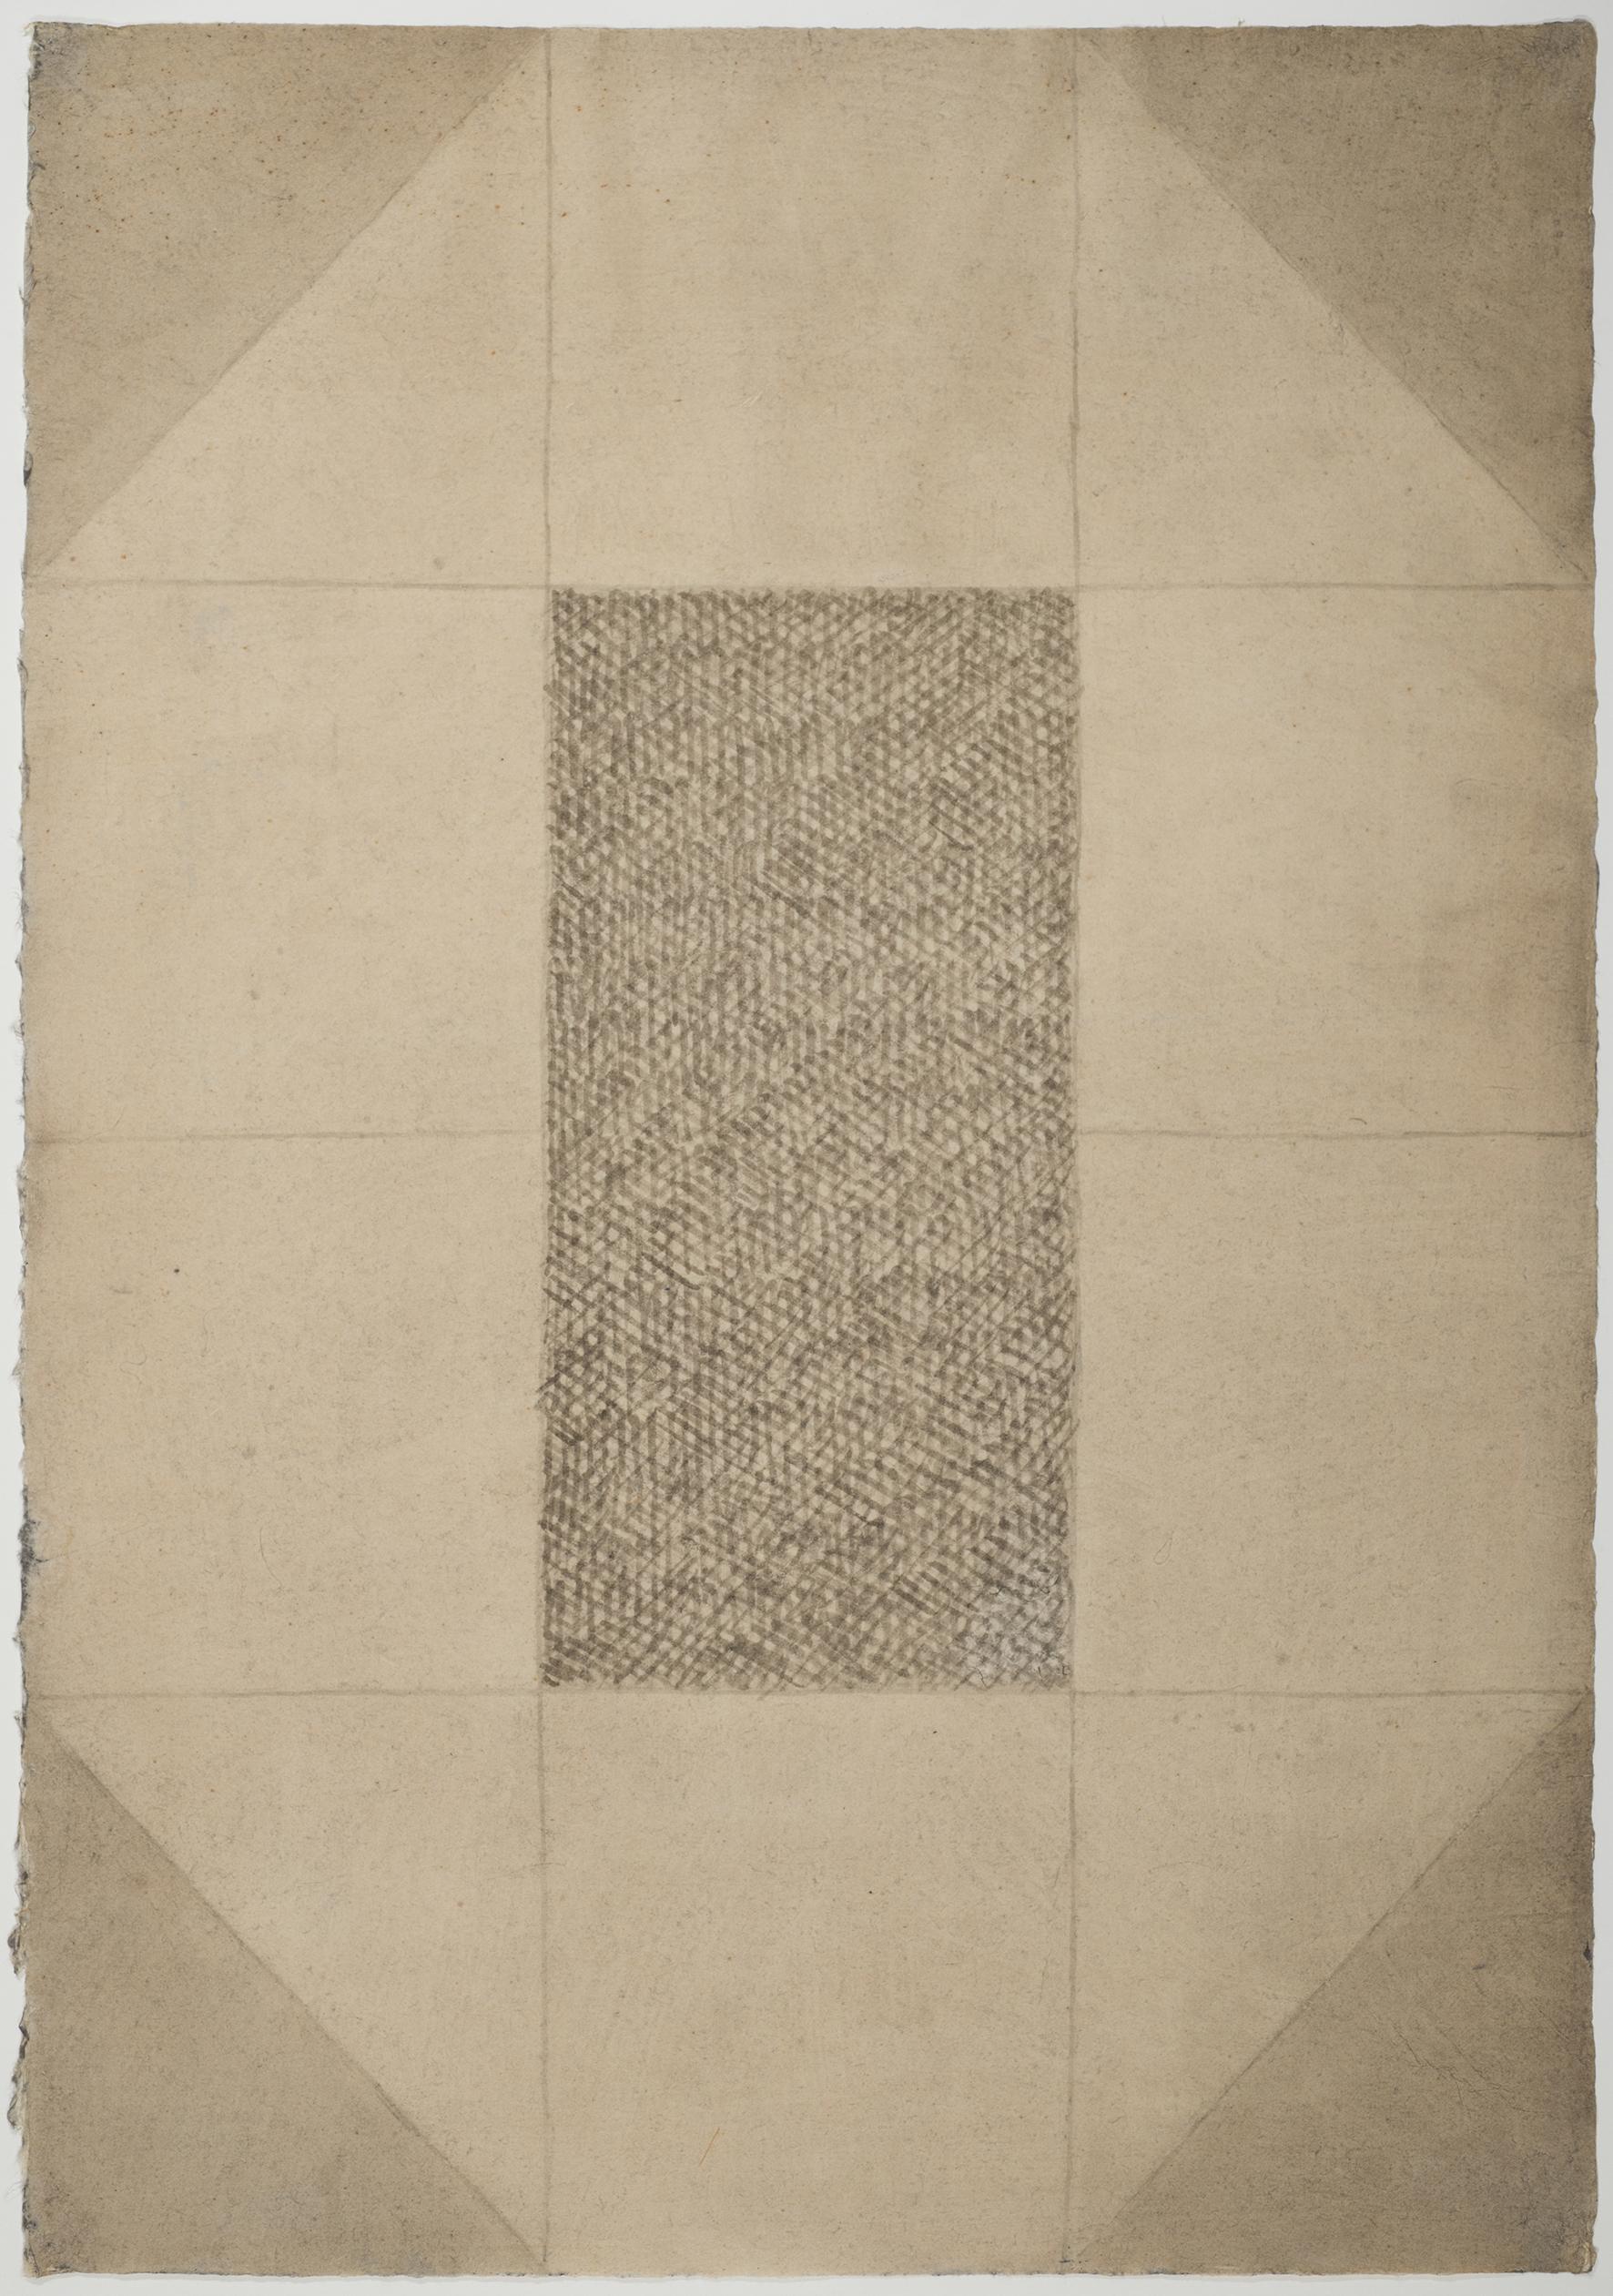 Dan Van Severen Encre et lavis d'encre sur papier , 105 x 75 cm, 1981 - 86-klein